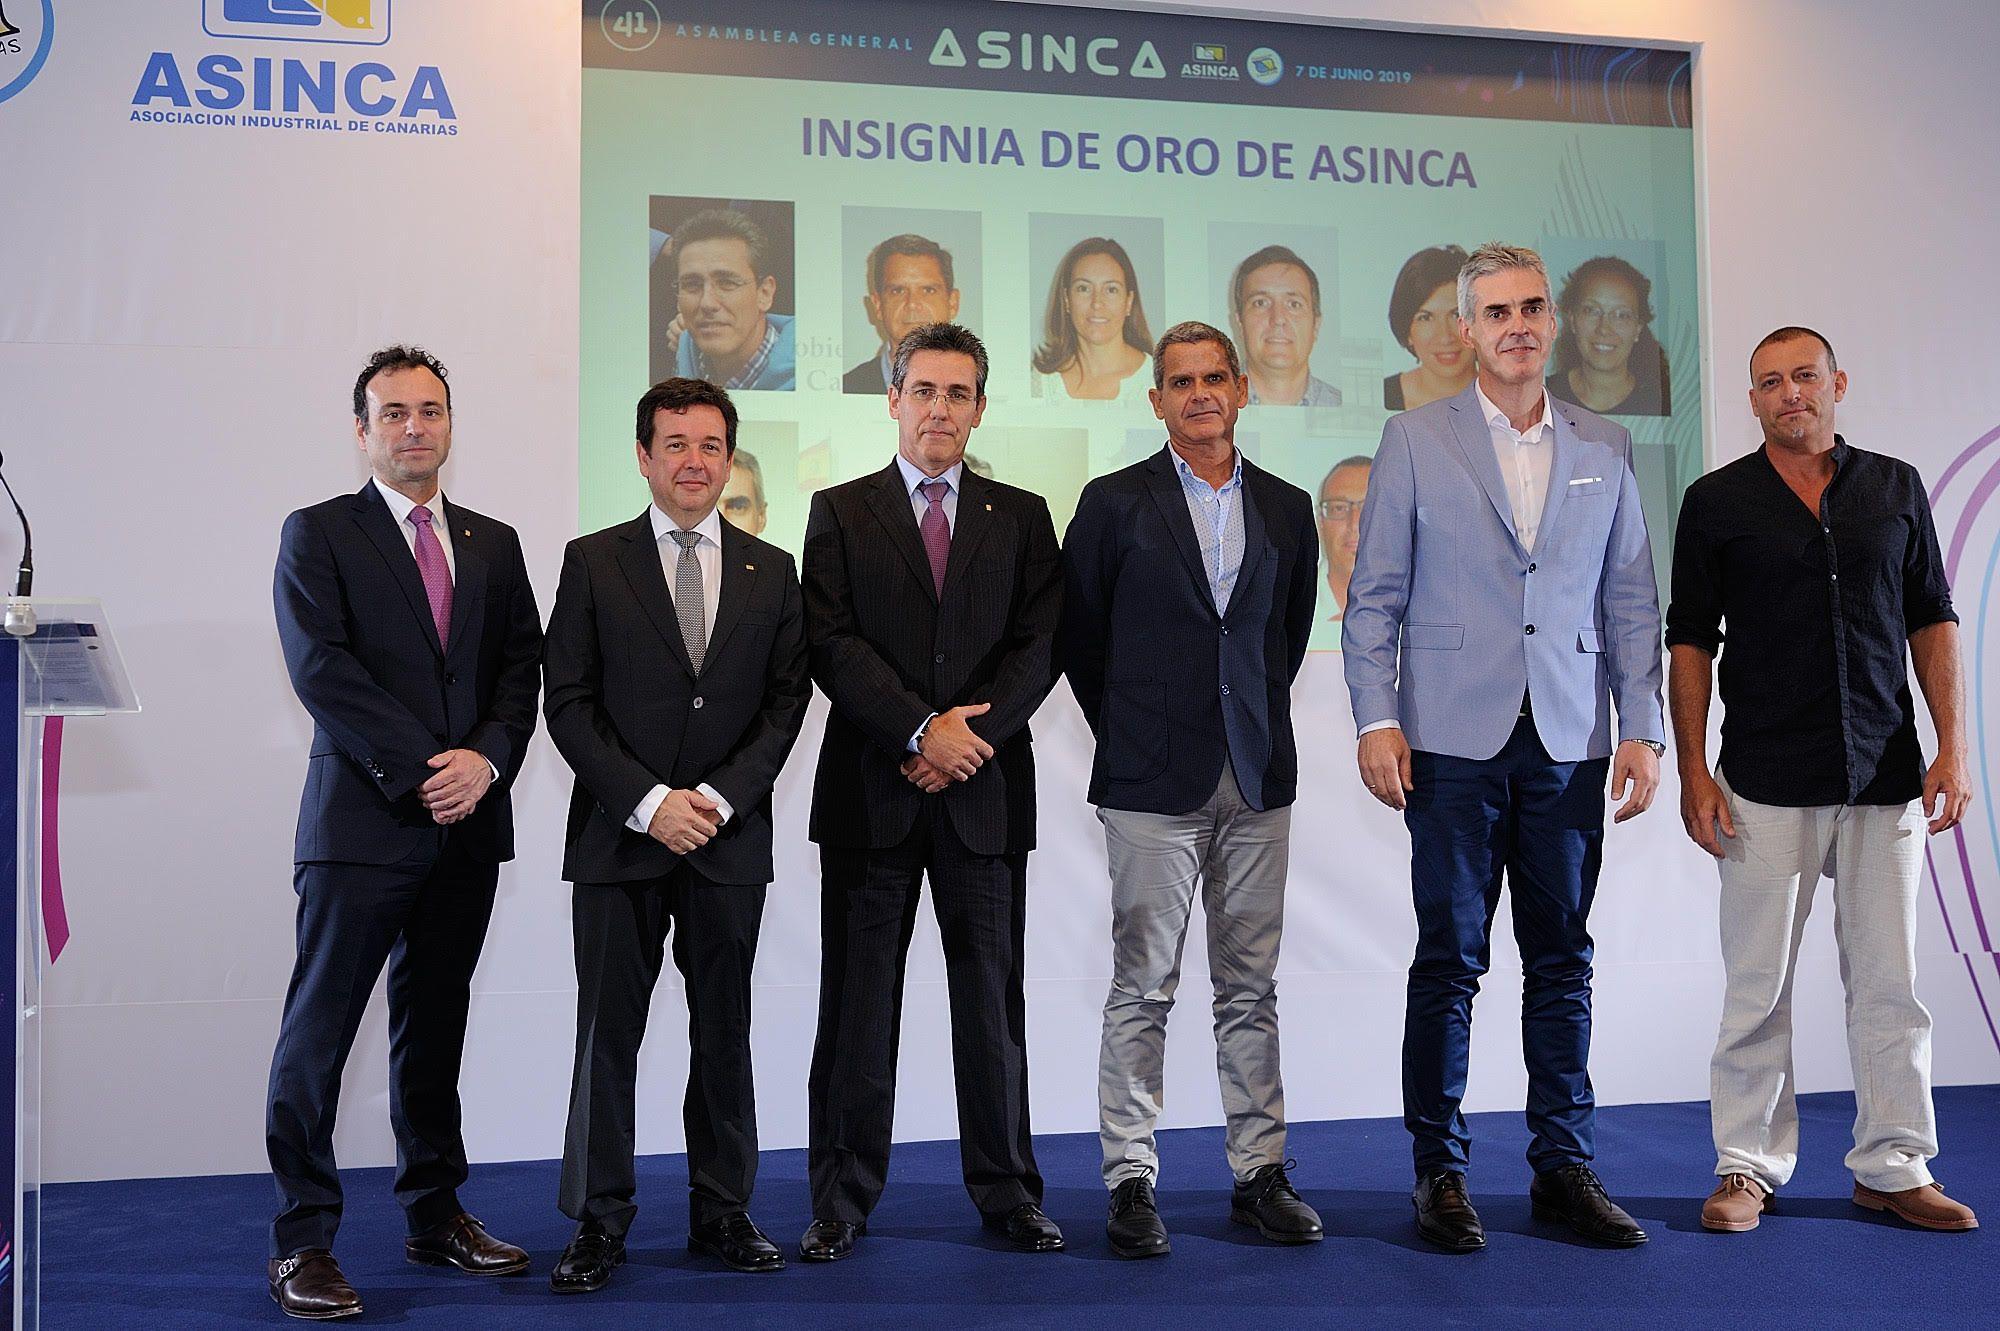 El departamento de Industria recibe la Insignia de Oro de Asinca.